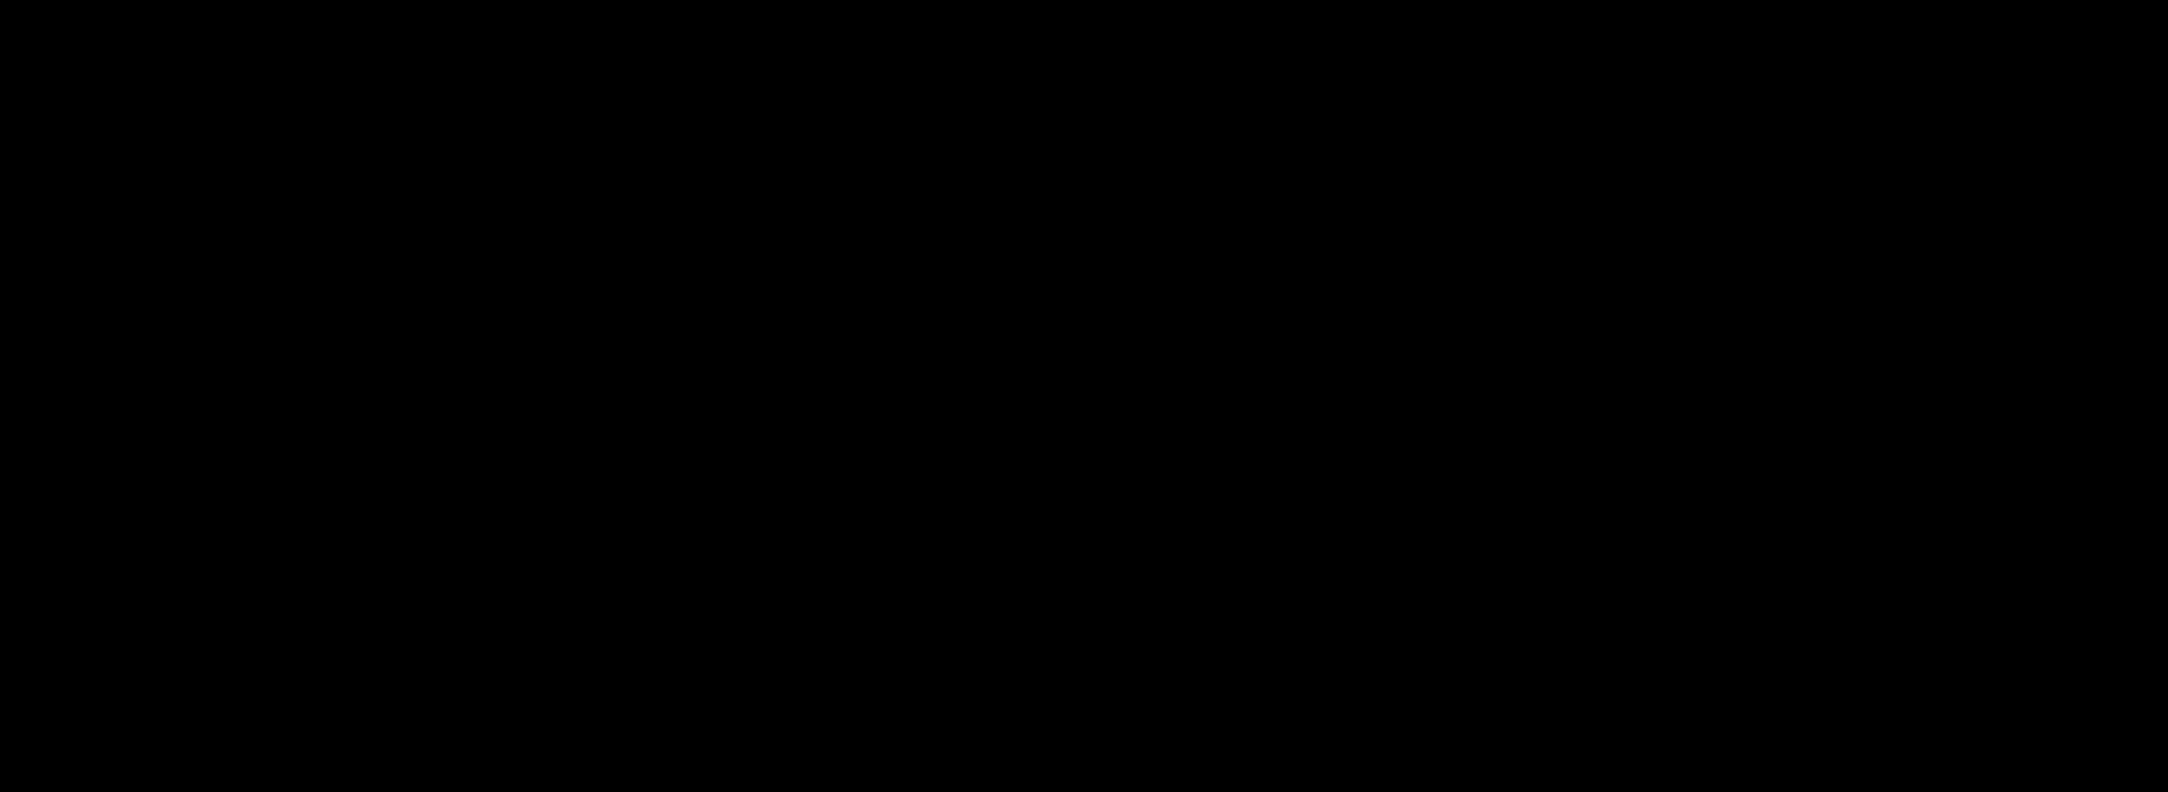 6-N-Biotinylaminohexanol